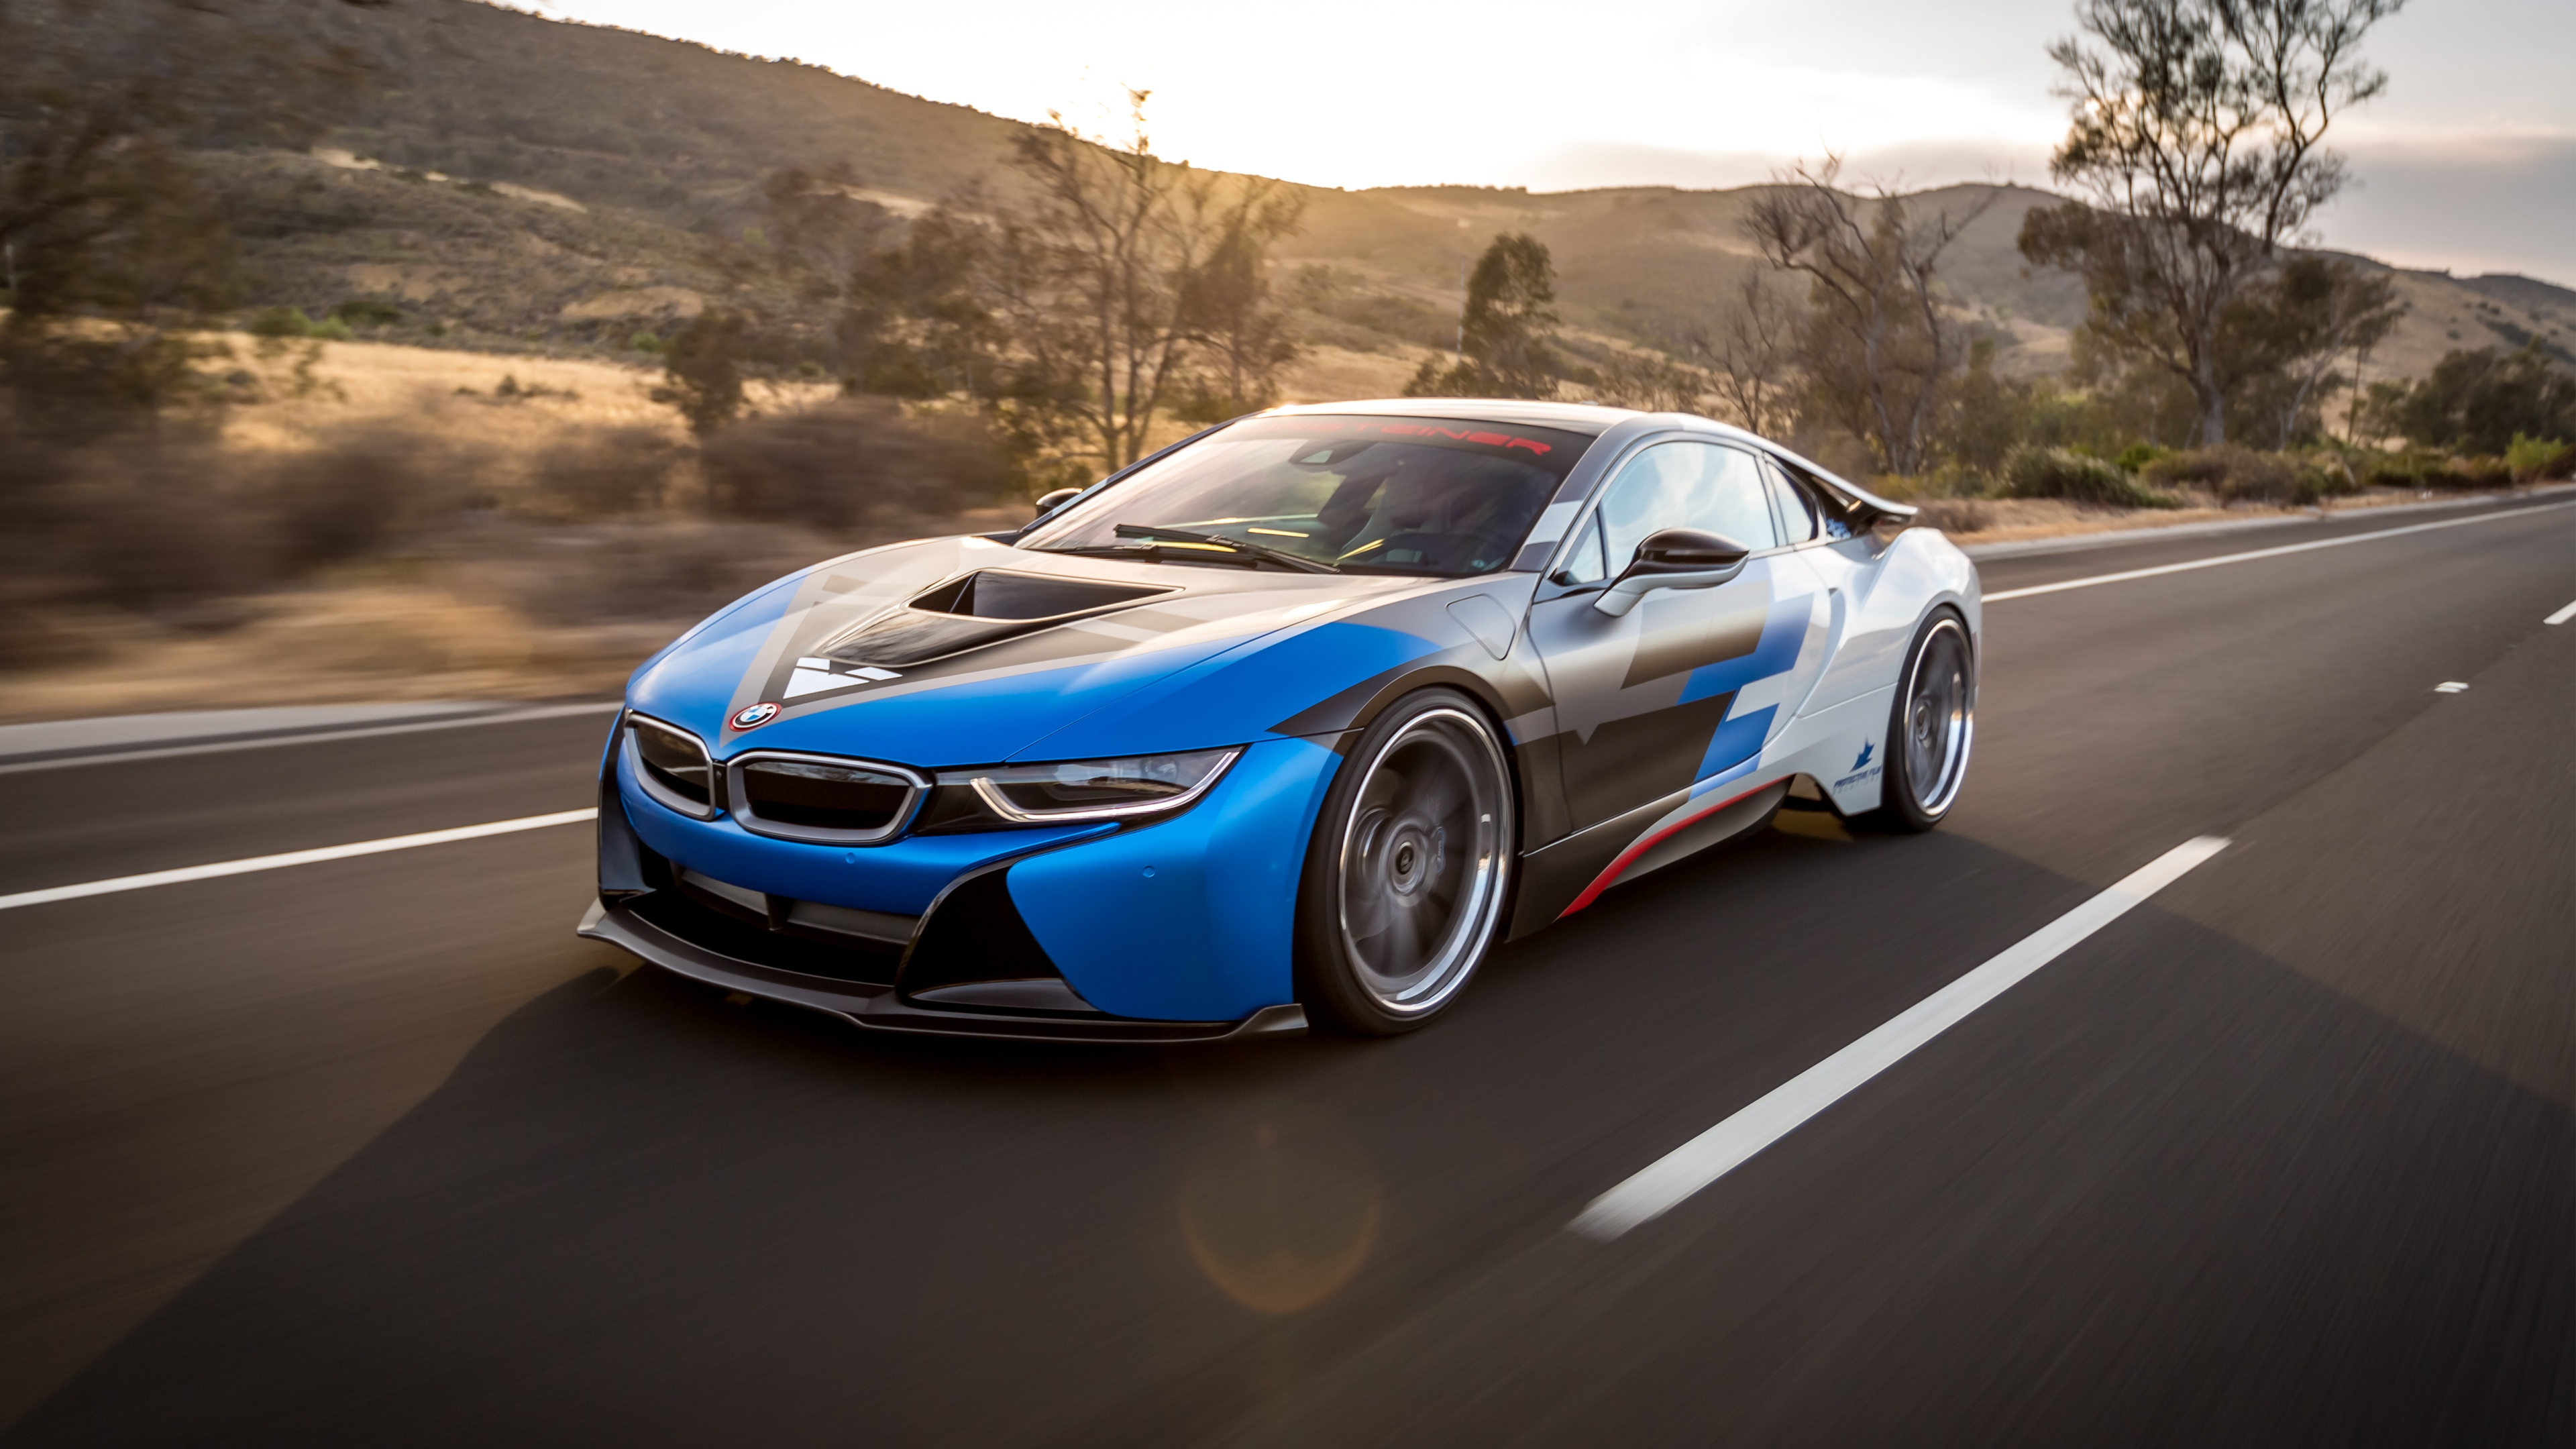 BMW I8 Vorsteiner 4k, HD Cars, 4k Wallpapers, Images ...